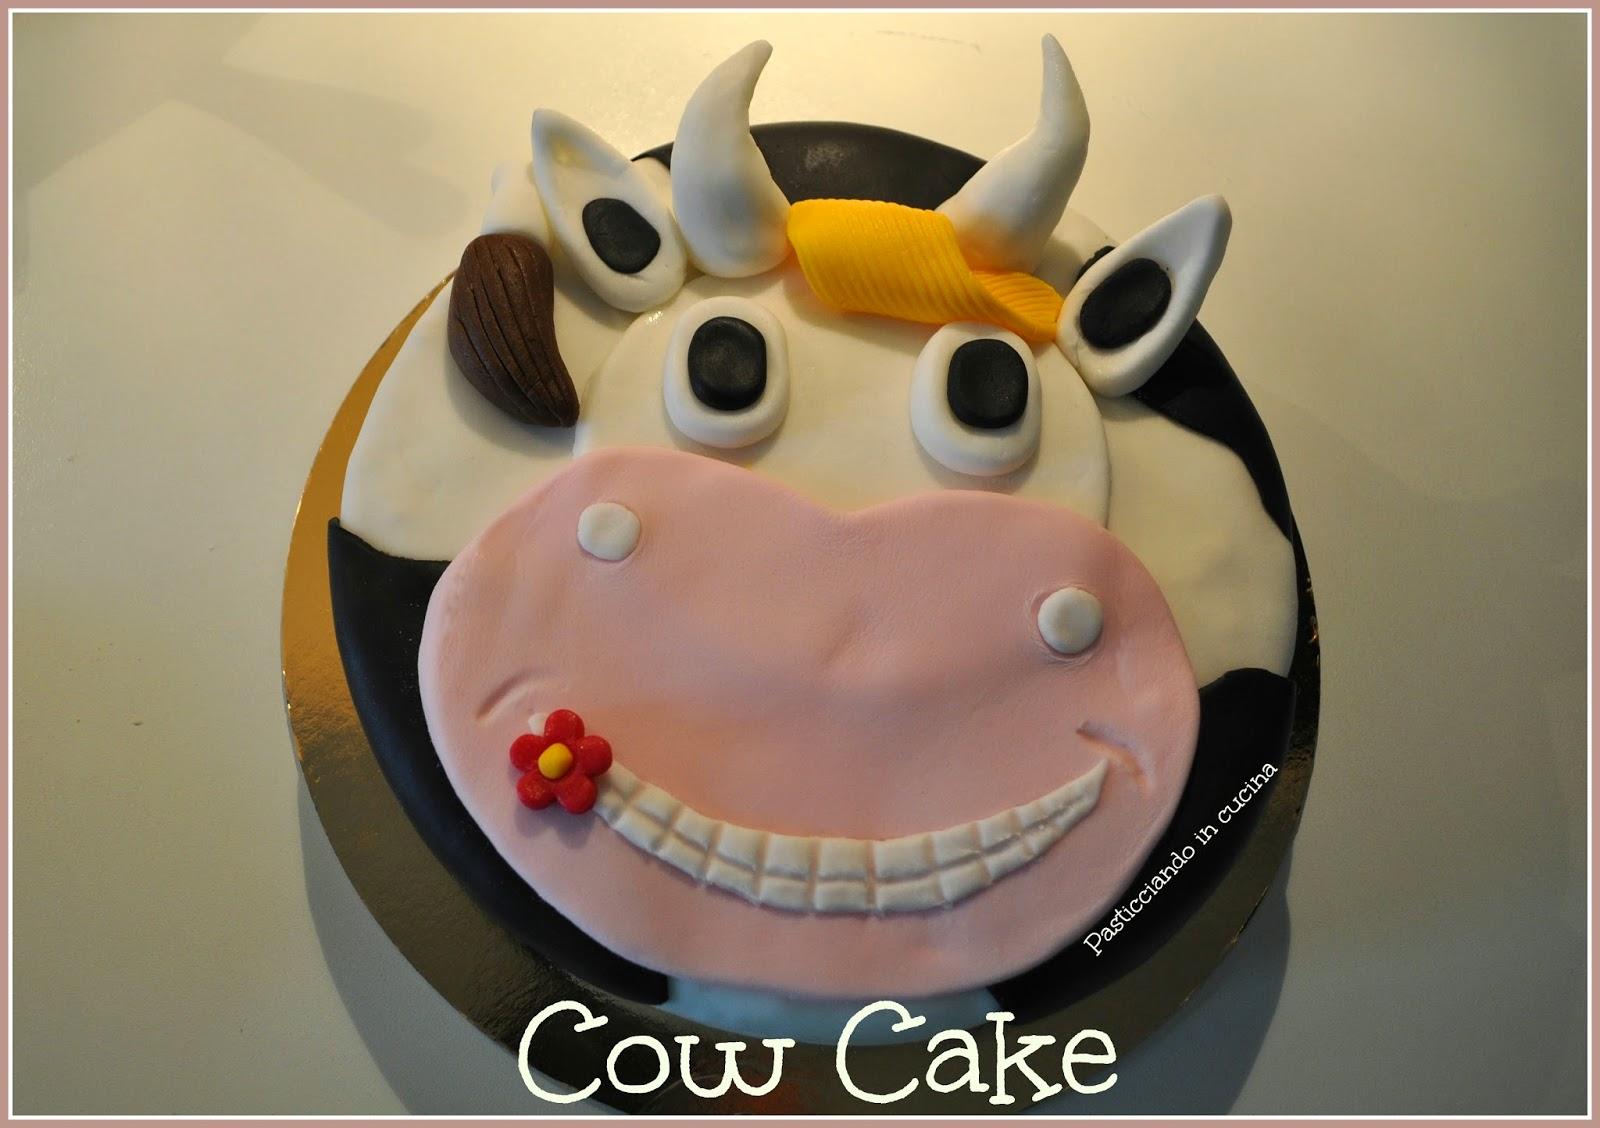 storia di un concorso amatoriale di torte, la mia cow cake e una coppa come premio...primo premio!